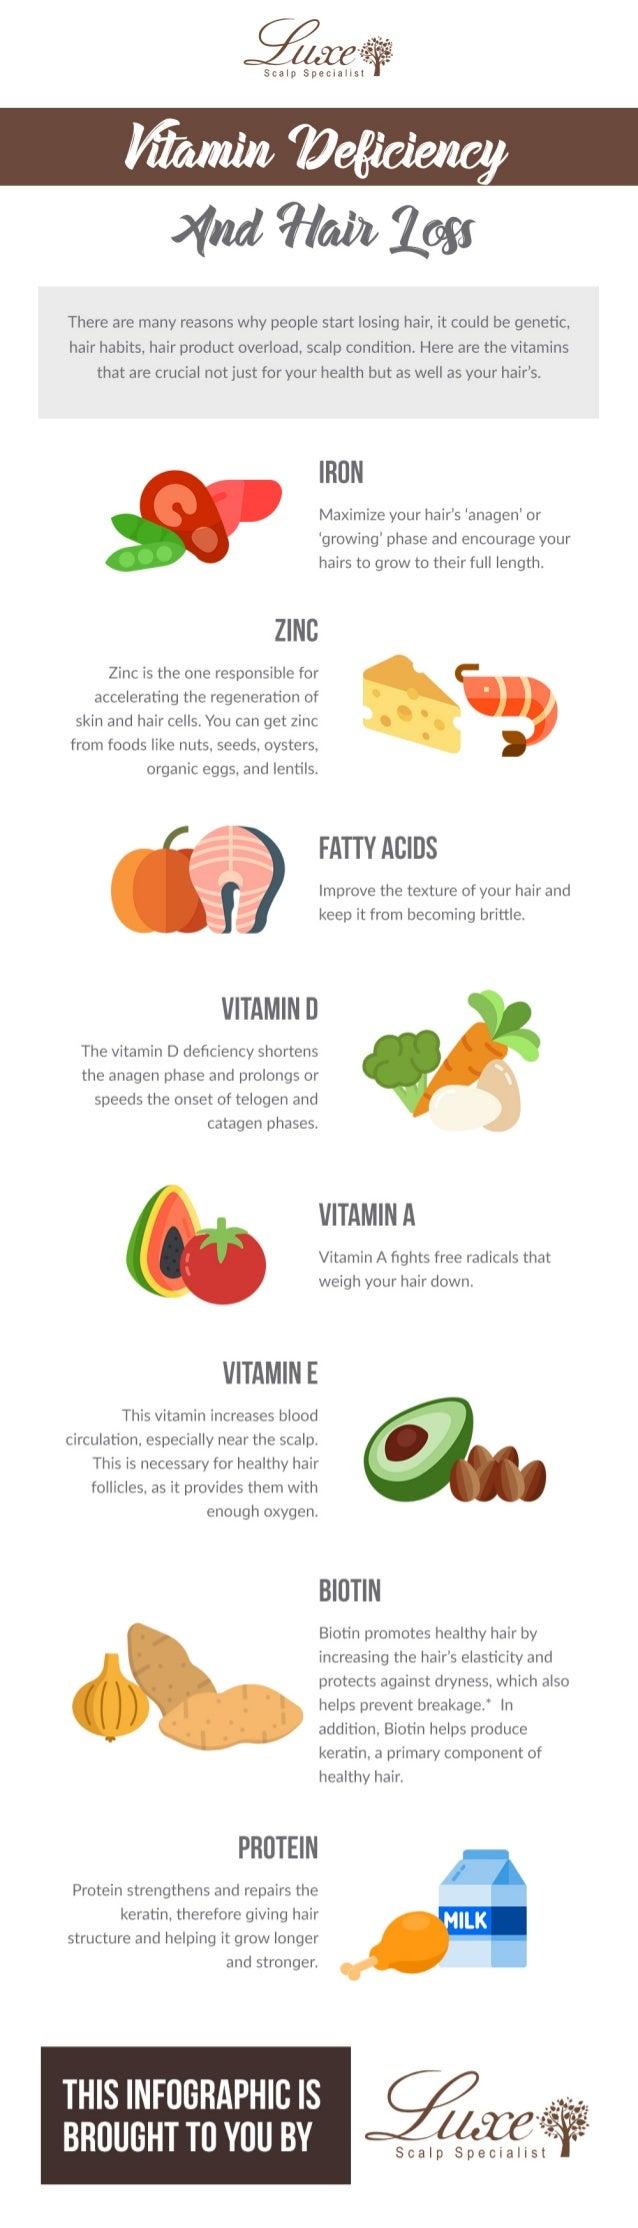 Vitamin Deficiency And Hair Loss